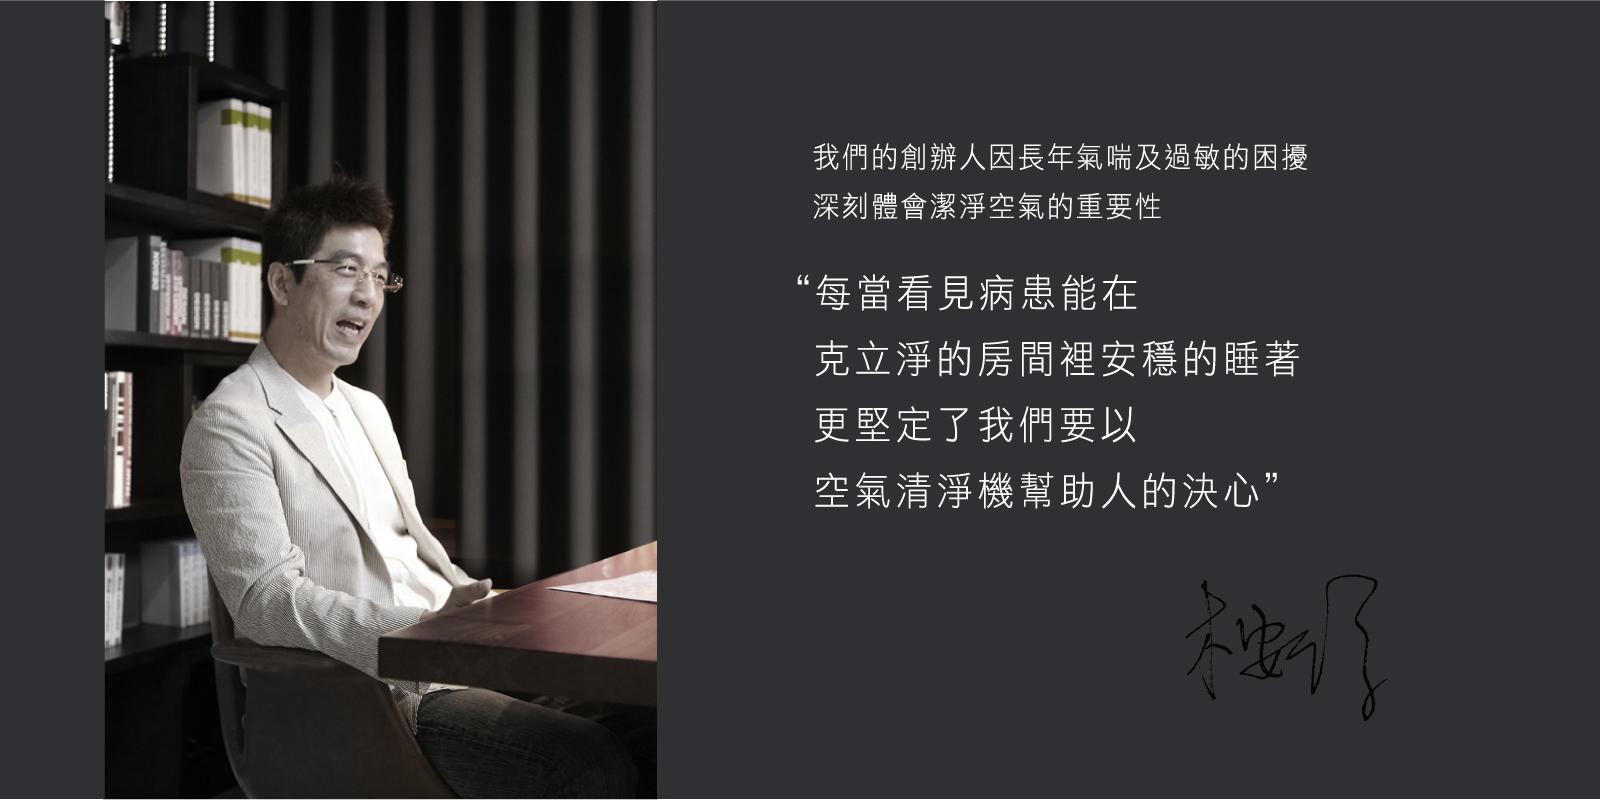 3-202007新官網首頁